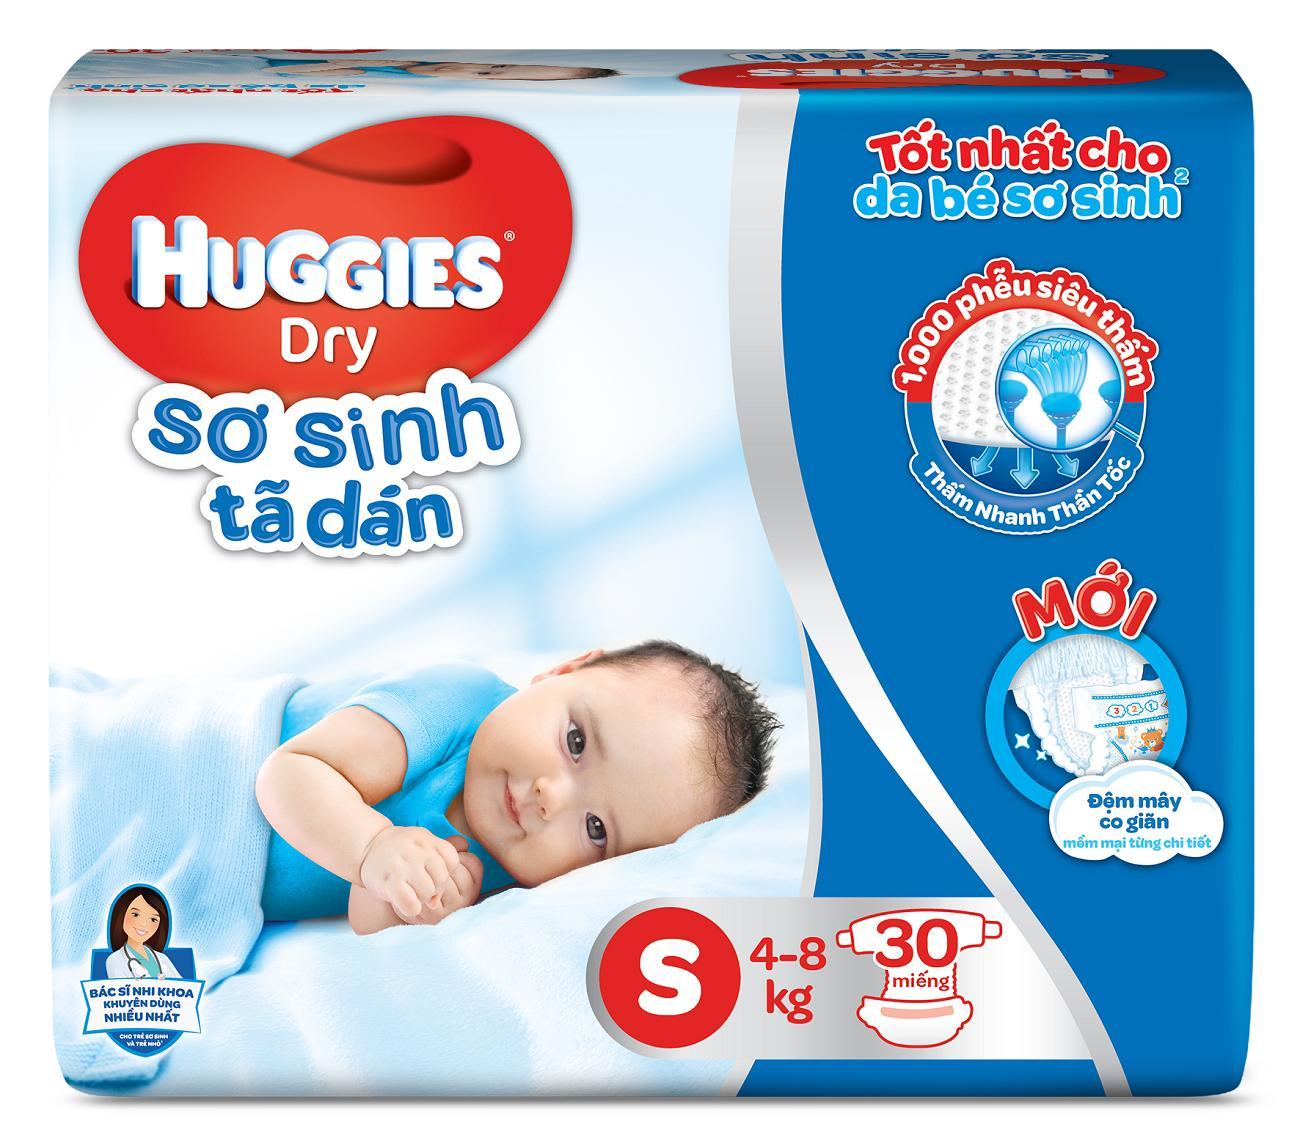 Tã/Bỉm Dán Sơ Sinh Huggies Dry S30 (Đệm Mây Co Giãn) - Gói 30 Miếng - Cho Bé 4Kg-8Kg